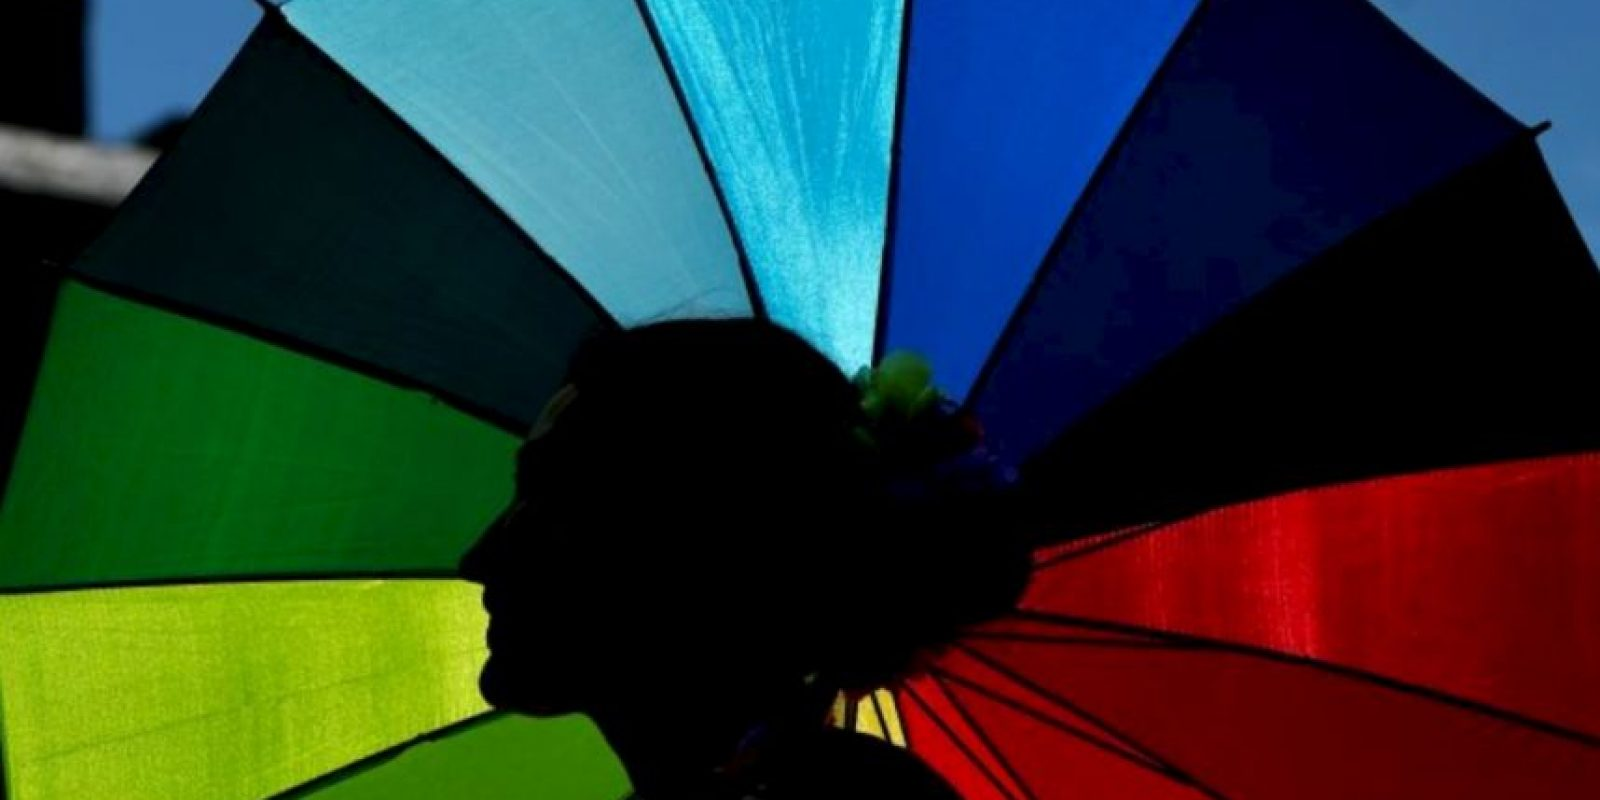 Desde el 18 de mayo de 2013, los matrimonios entre personas del mismo sexo son legales en este país. La iniciativa fue aprobada por la Asamblea Nacional y promulgada por el presidente Francois Hollande. Foto:vía Getty Images